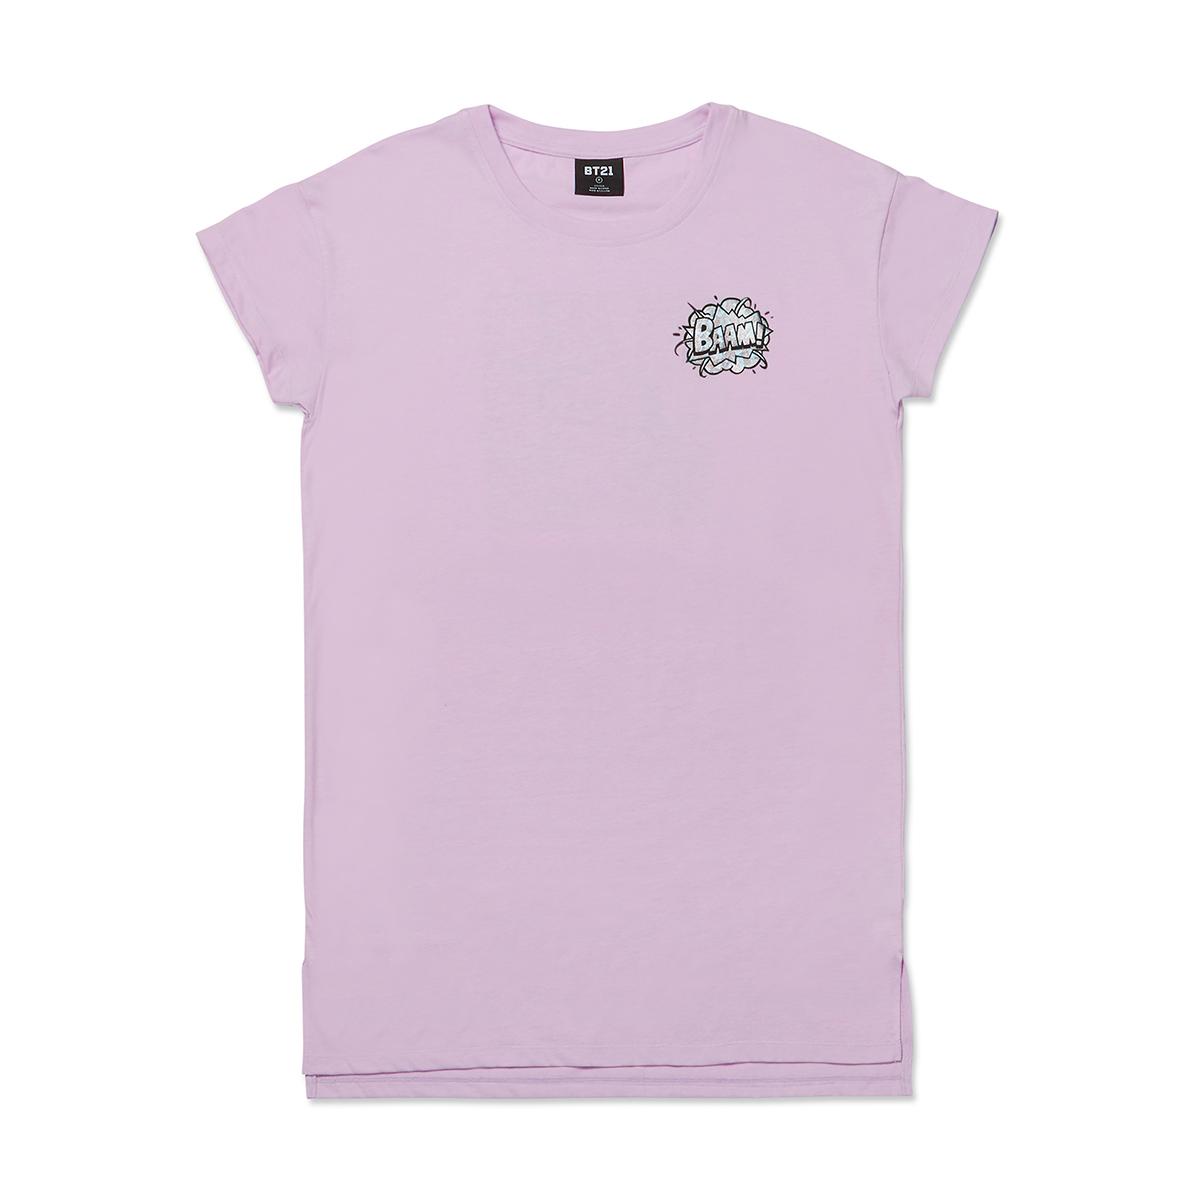 바이올렛 핑크 BT21 코믹팝 파자마 원피스